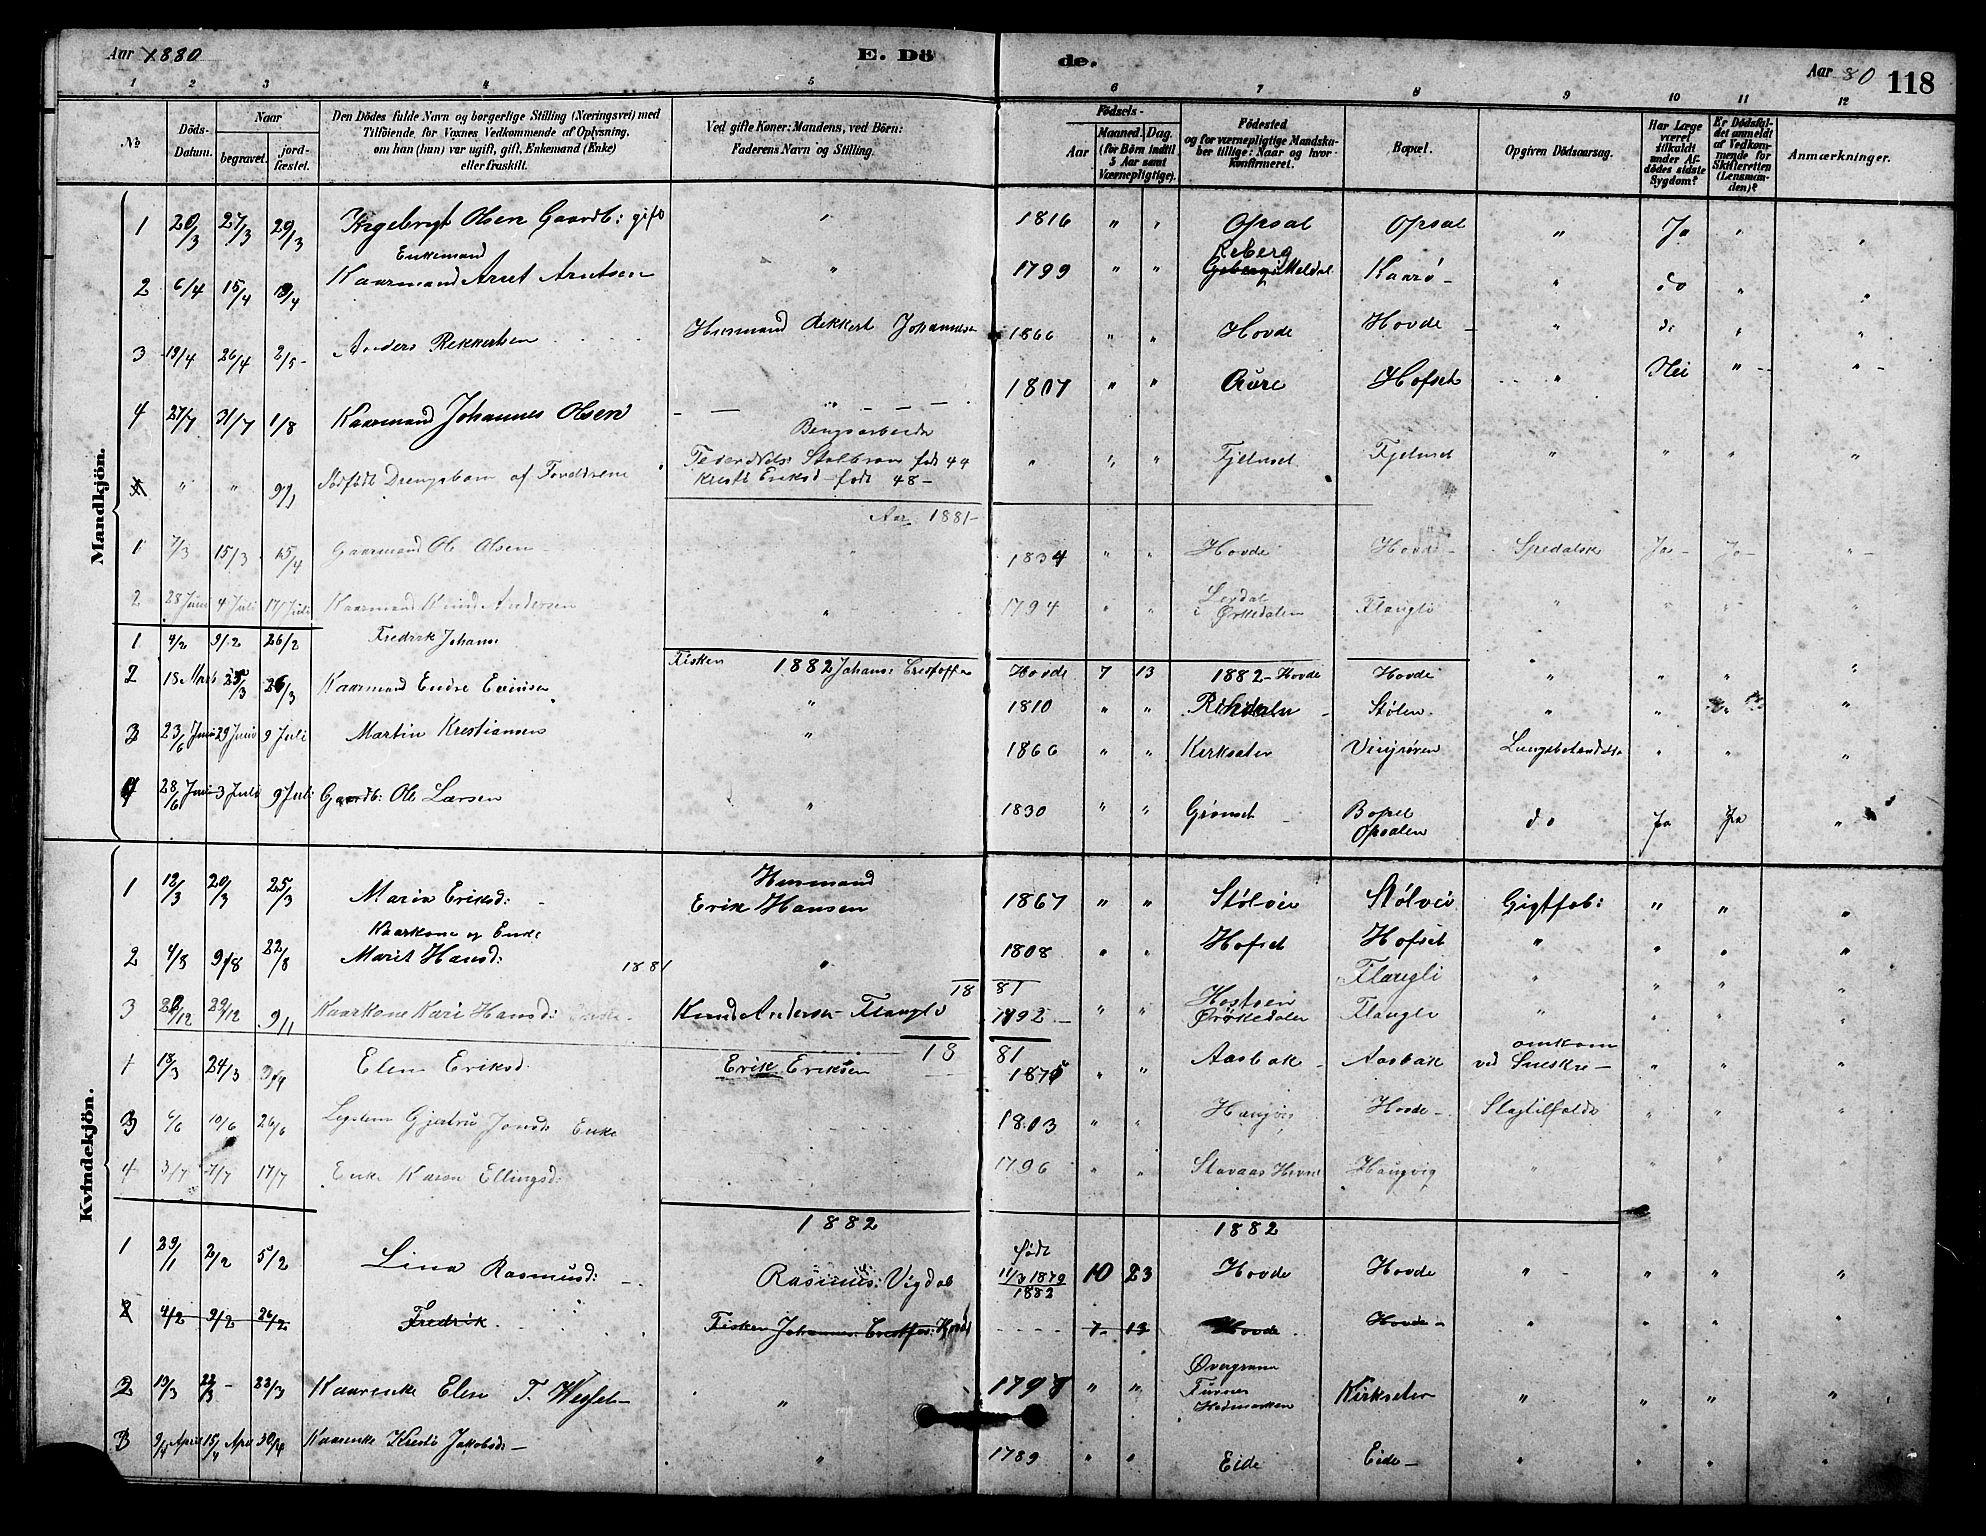 SAT, Ministerialprotokoller, klokkerbøker og fødselsregistre - Sør-Trøndelag, 631/L0514: Klokkerbok nr. 631C02, 1879-1912, s. 118